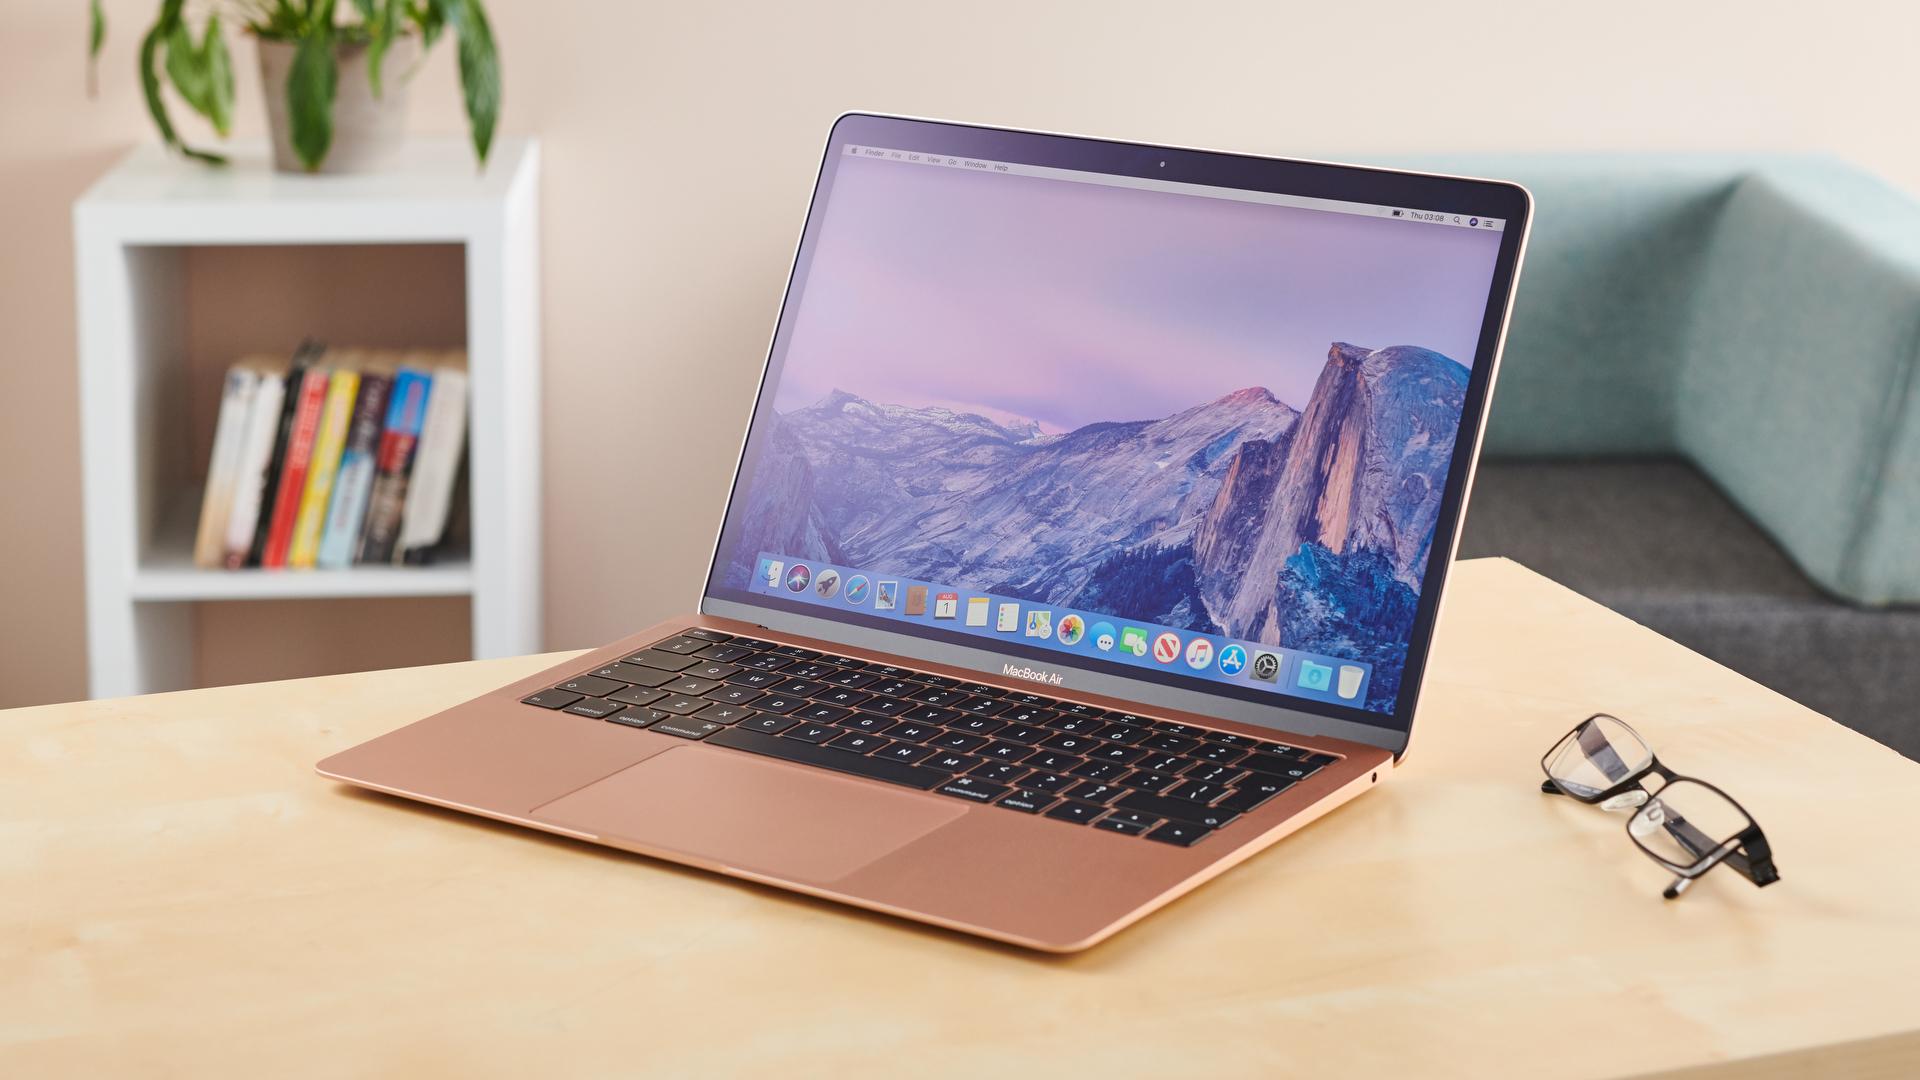 Meilleur Apple MacBook : Guide et comparatif 2021